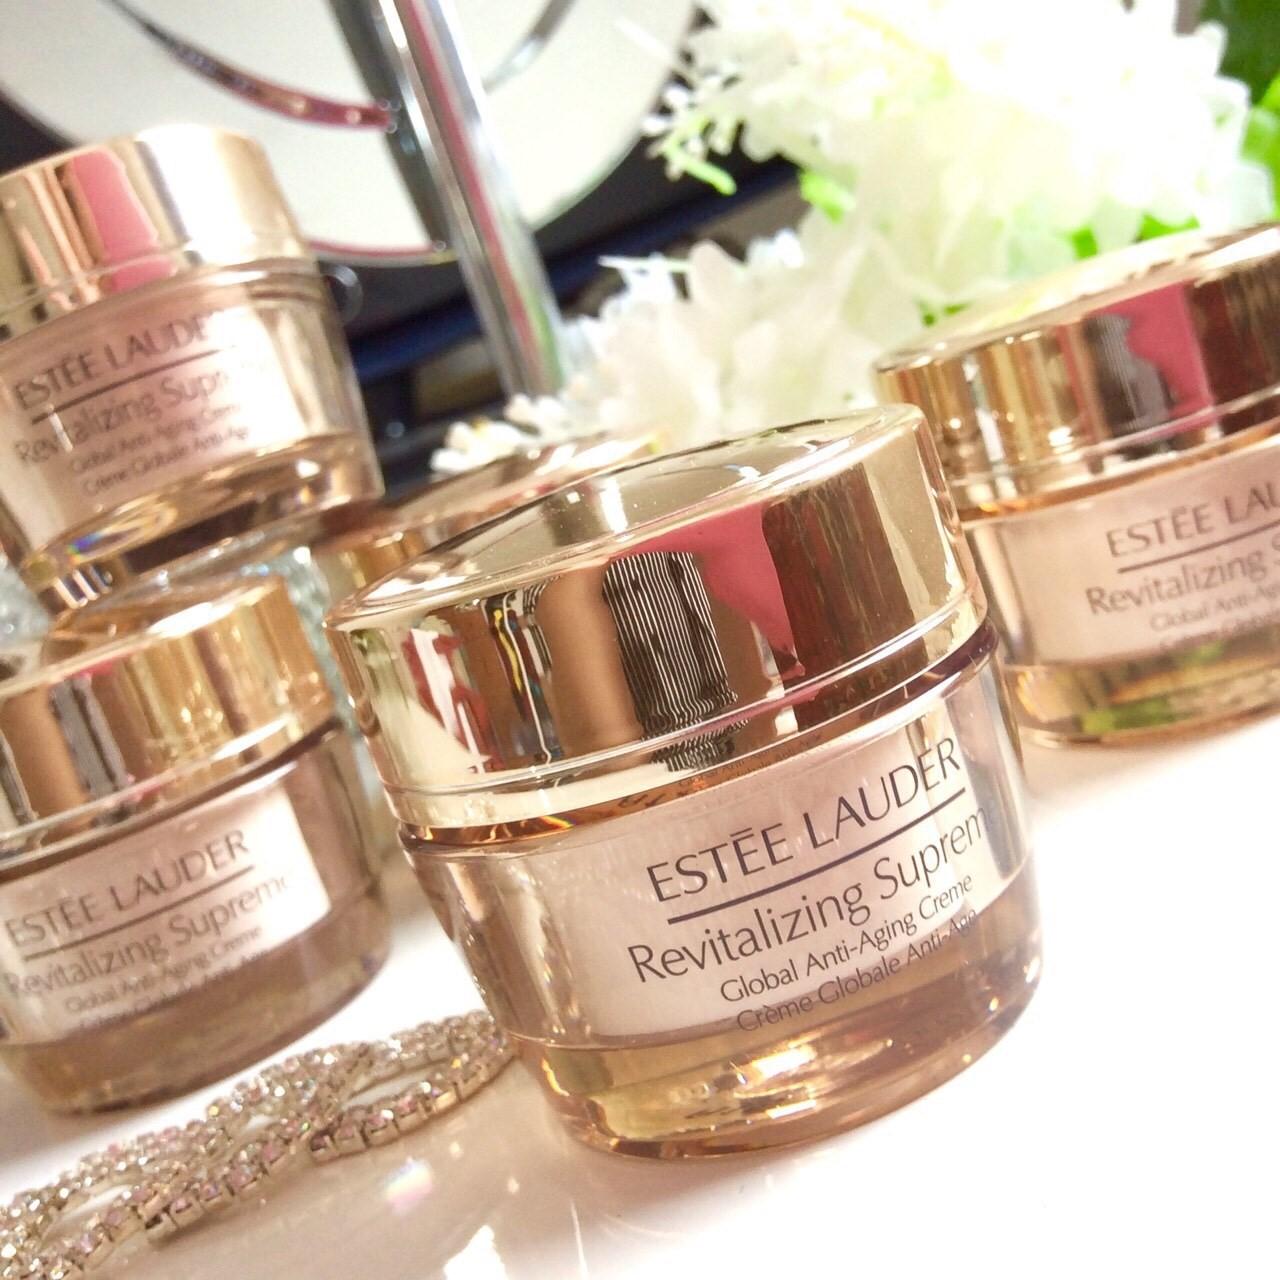 Kem dưỡng Estee Lauder Revitalizing Supreme+ Global Anti-Aging Creme -  vonshop.vn